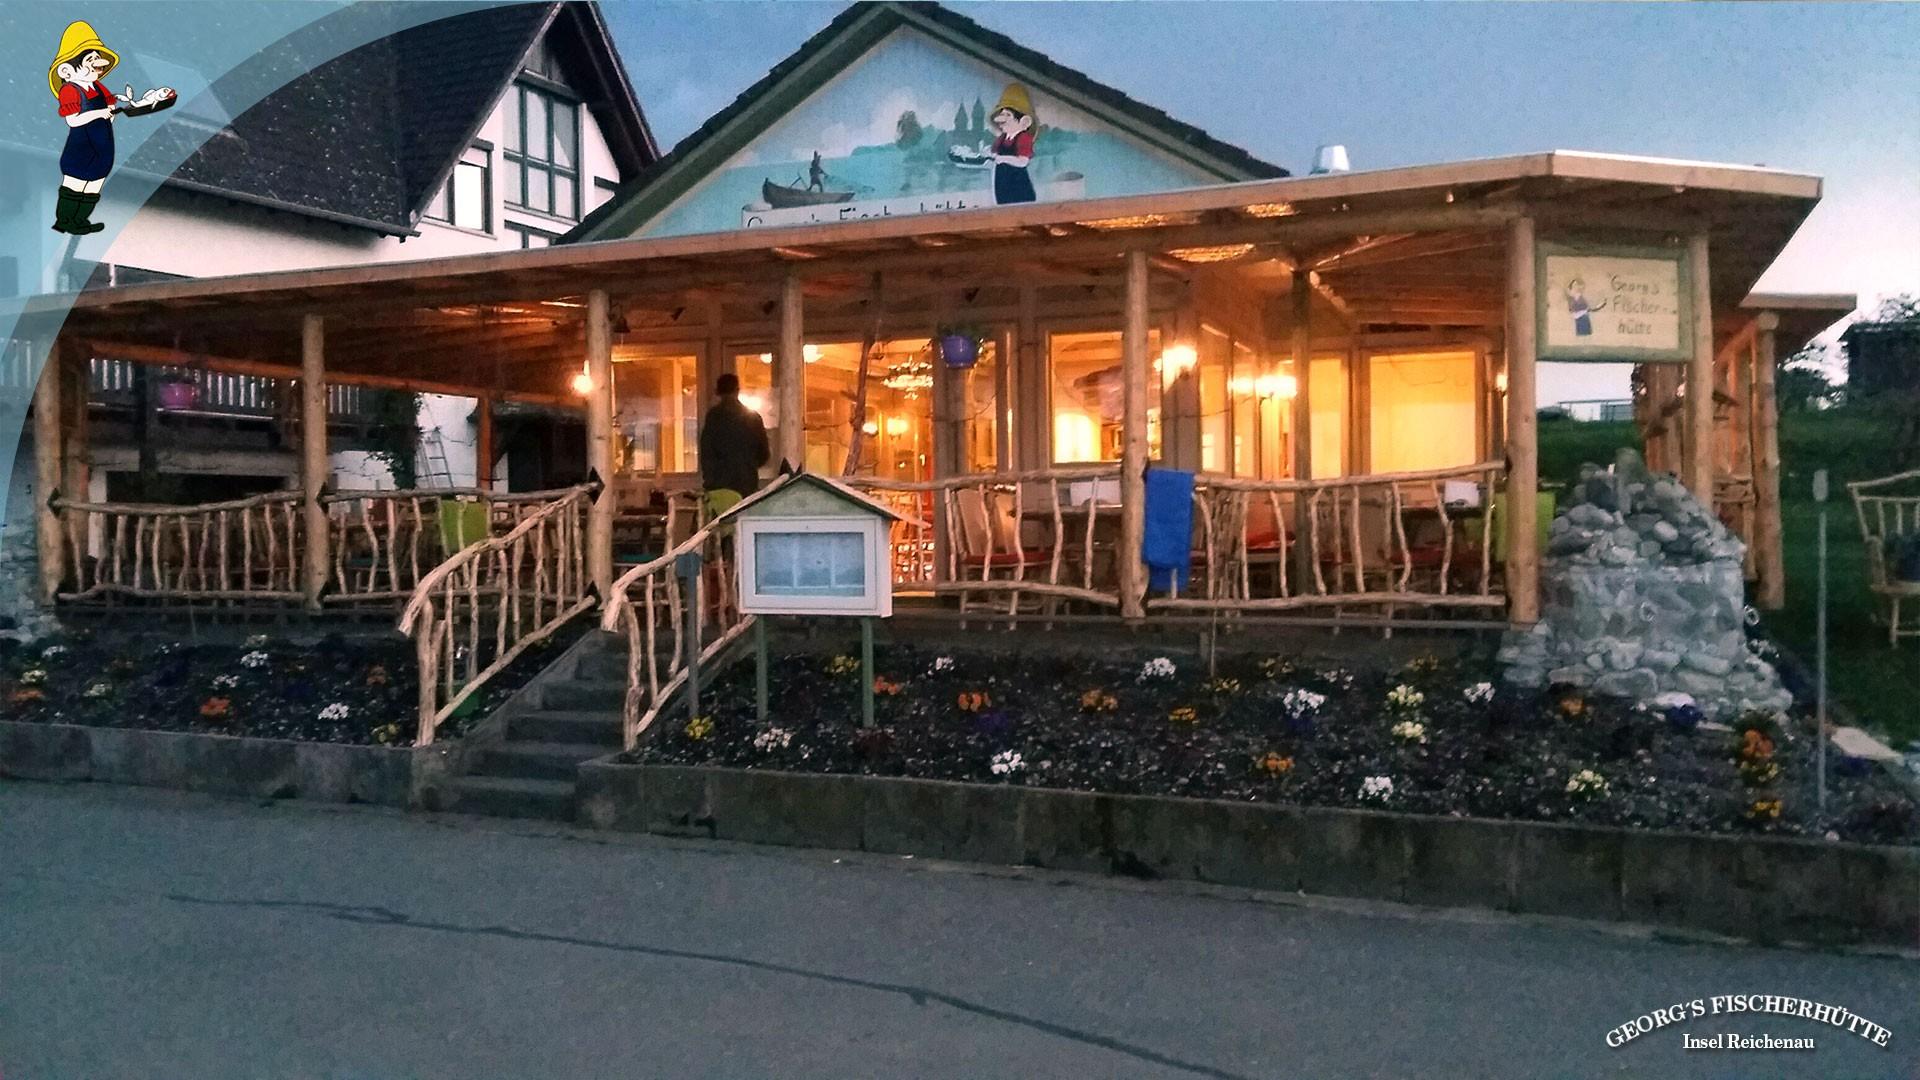 Georg's Fischerhütte, Konstanz-Reichenau: Bodensee-Fisch-Restaurant. Frischfisch-Angebot nach Fang